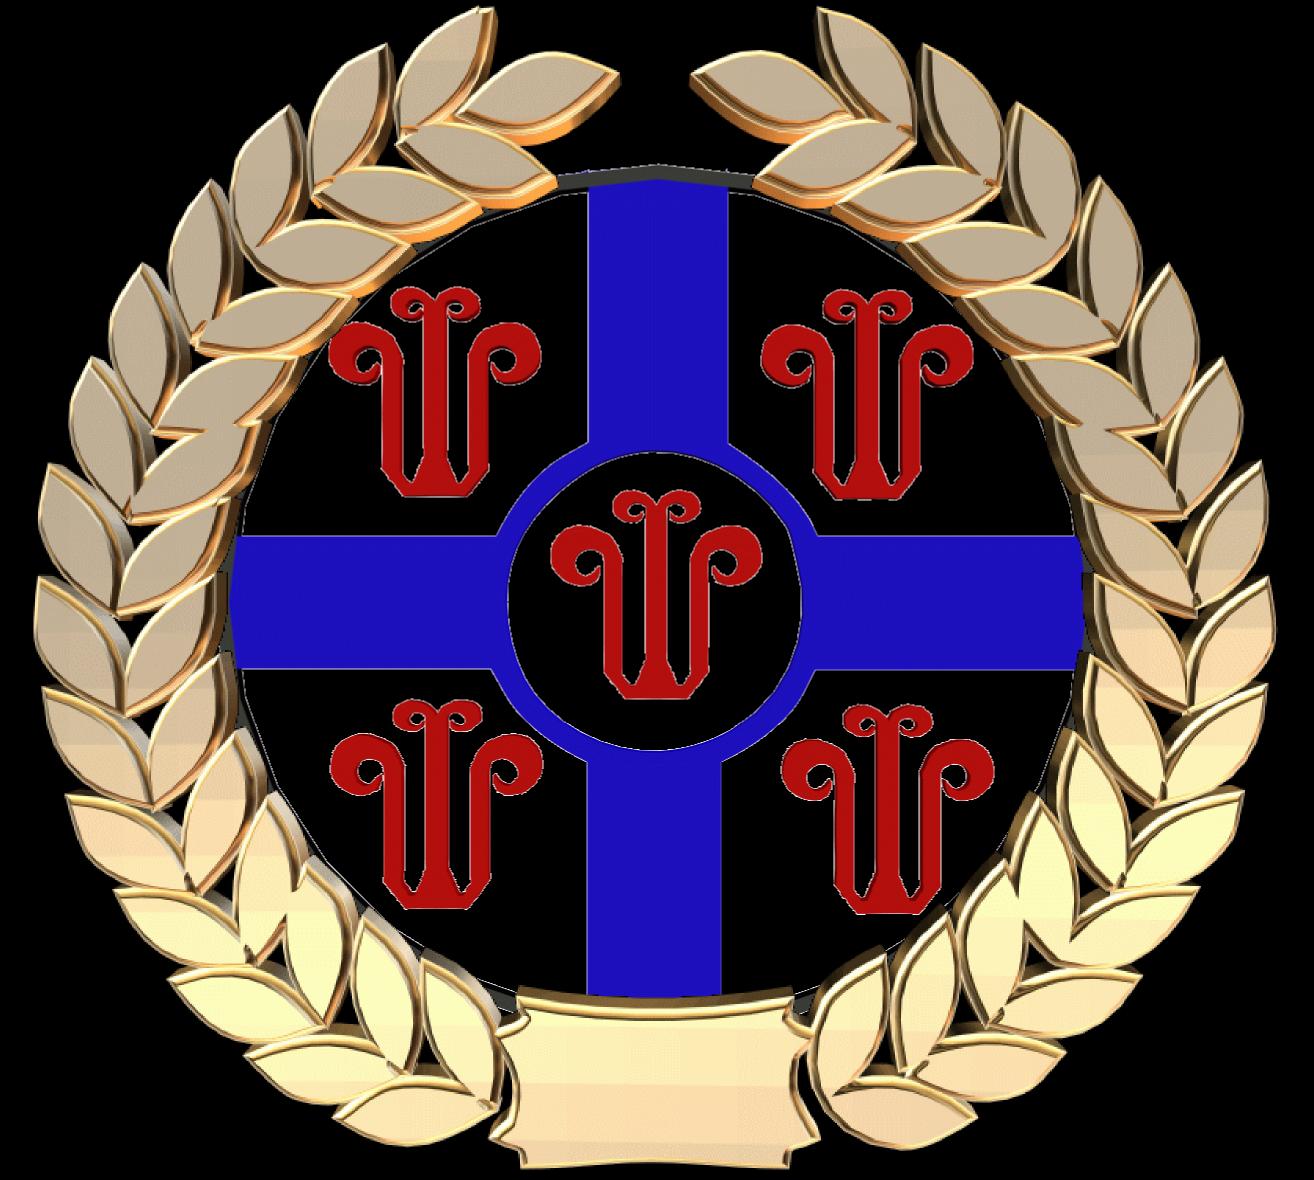 royaut233 r233publicaine 9 le drapeau quotroyal r233publicain